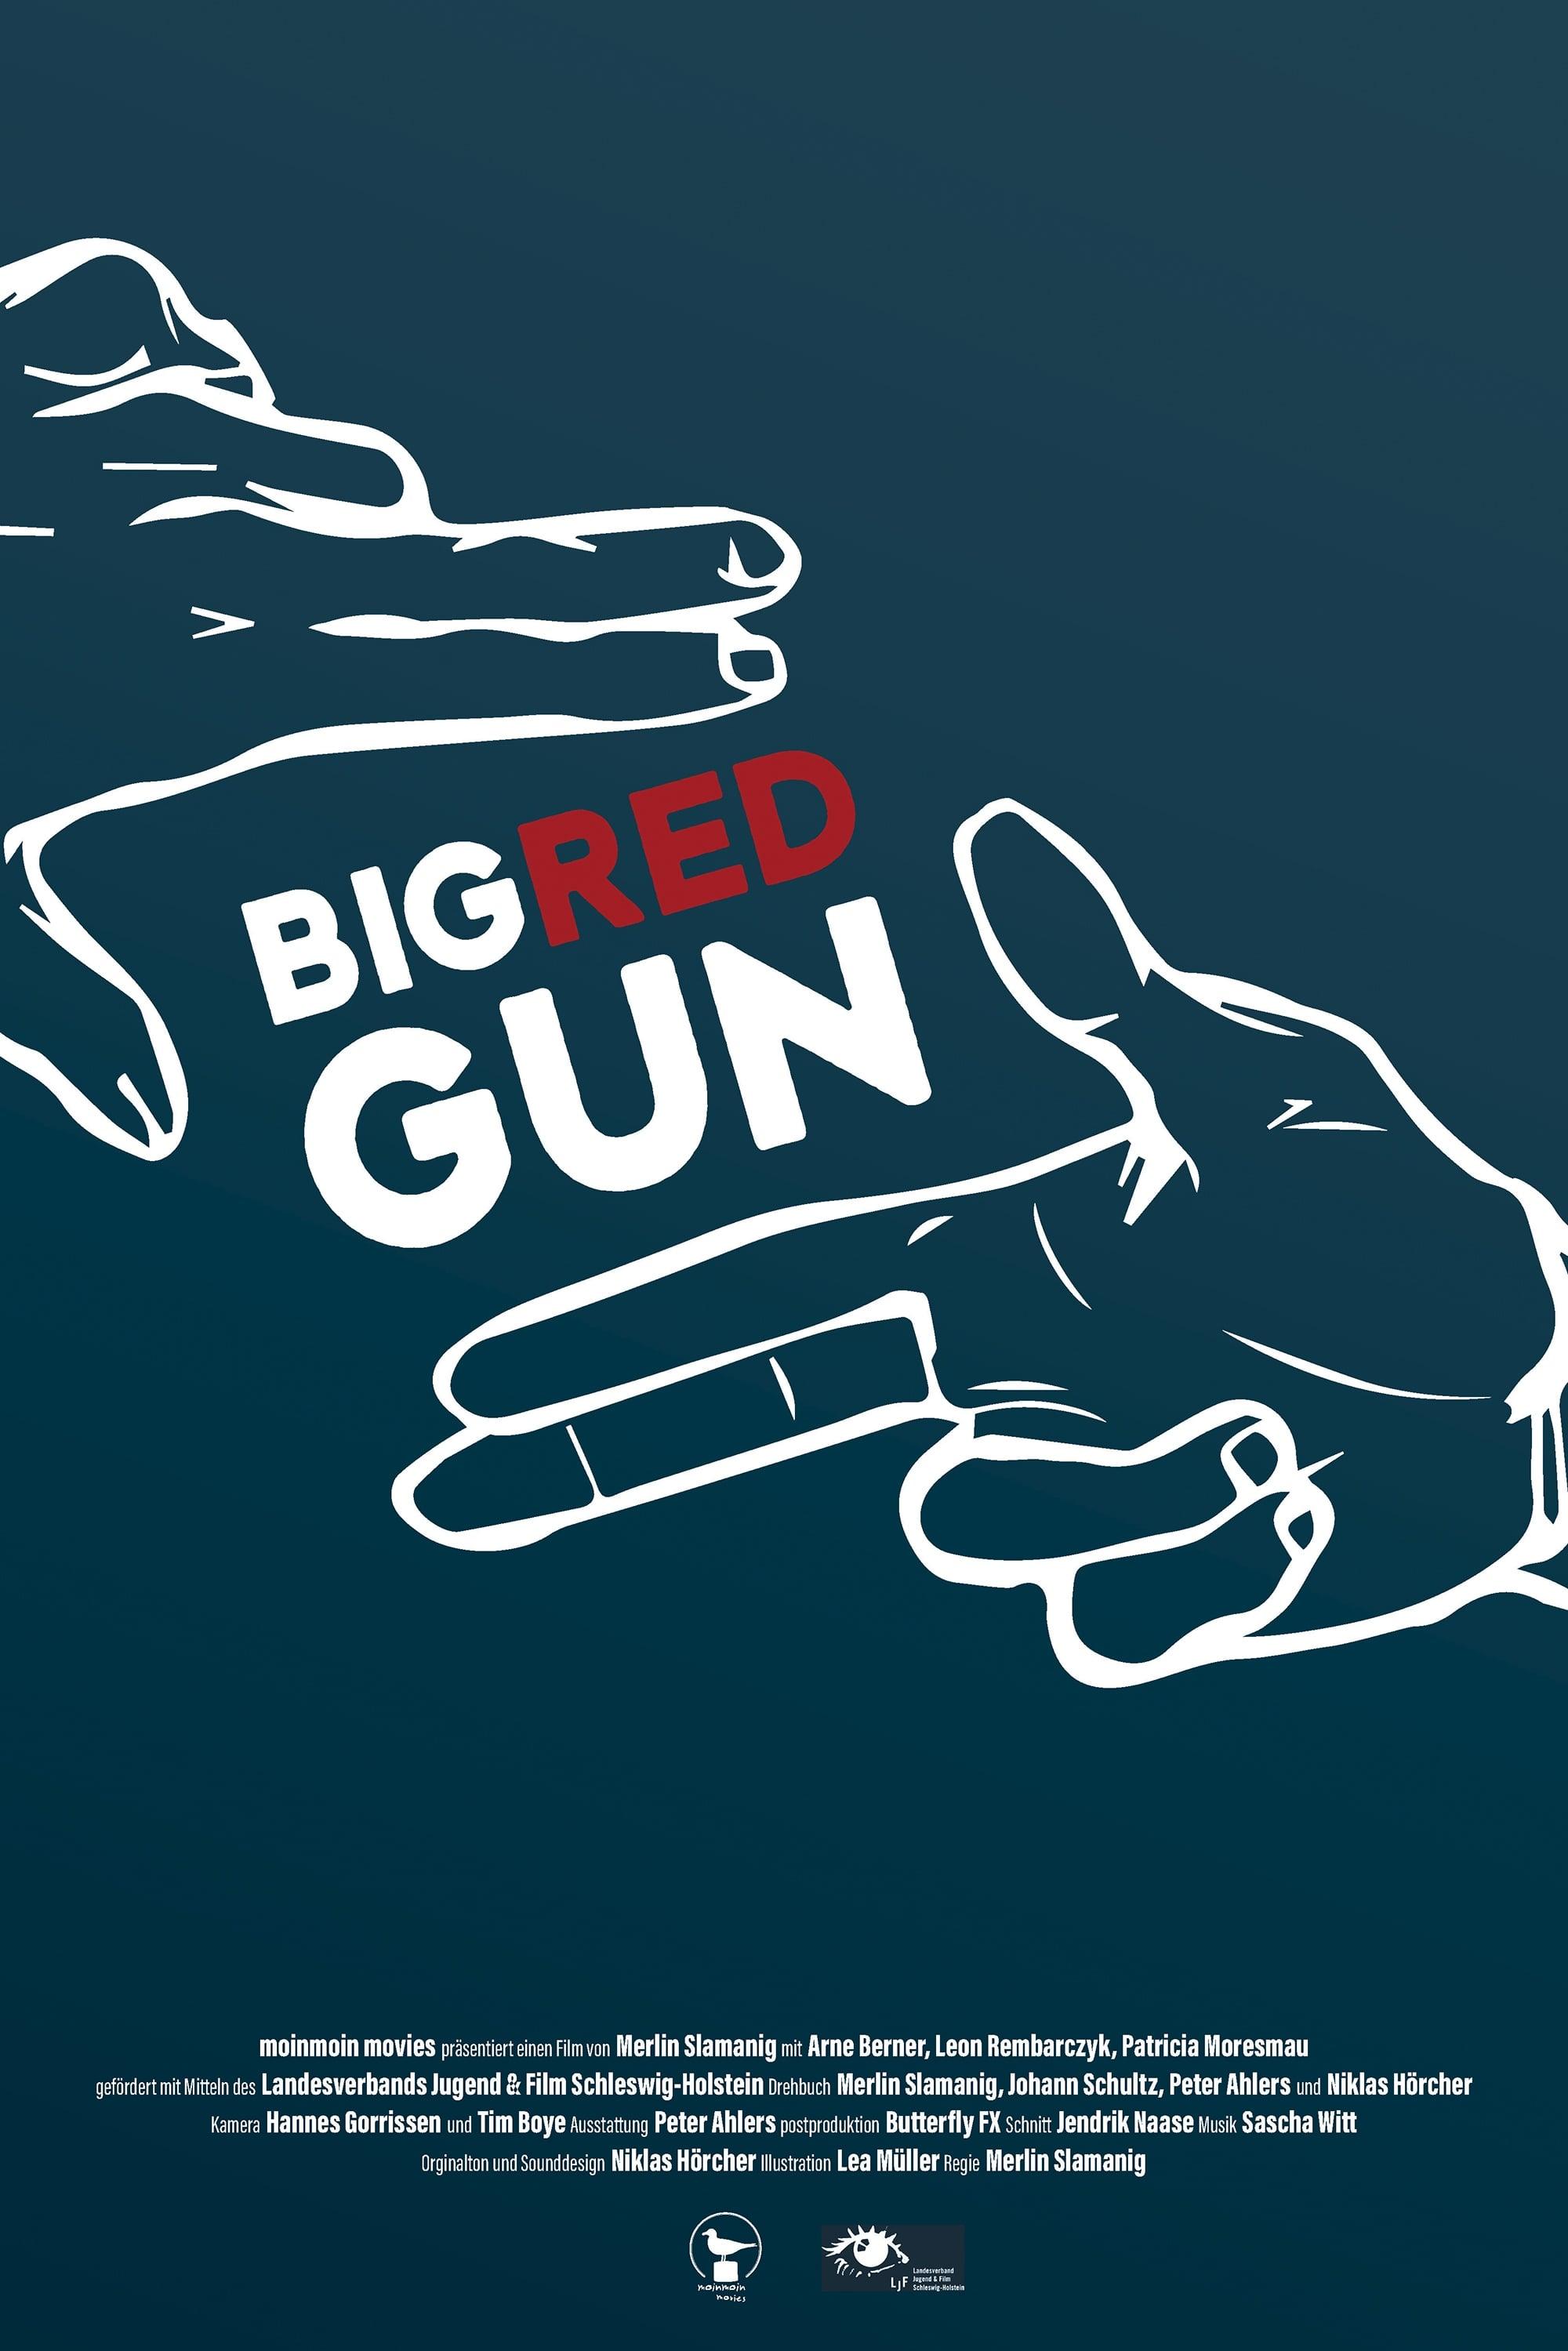 Big Red Gun